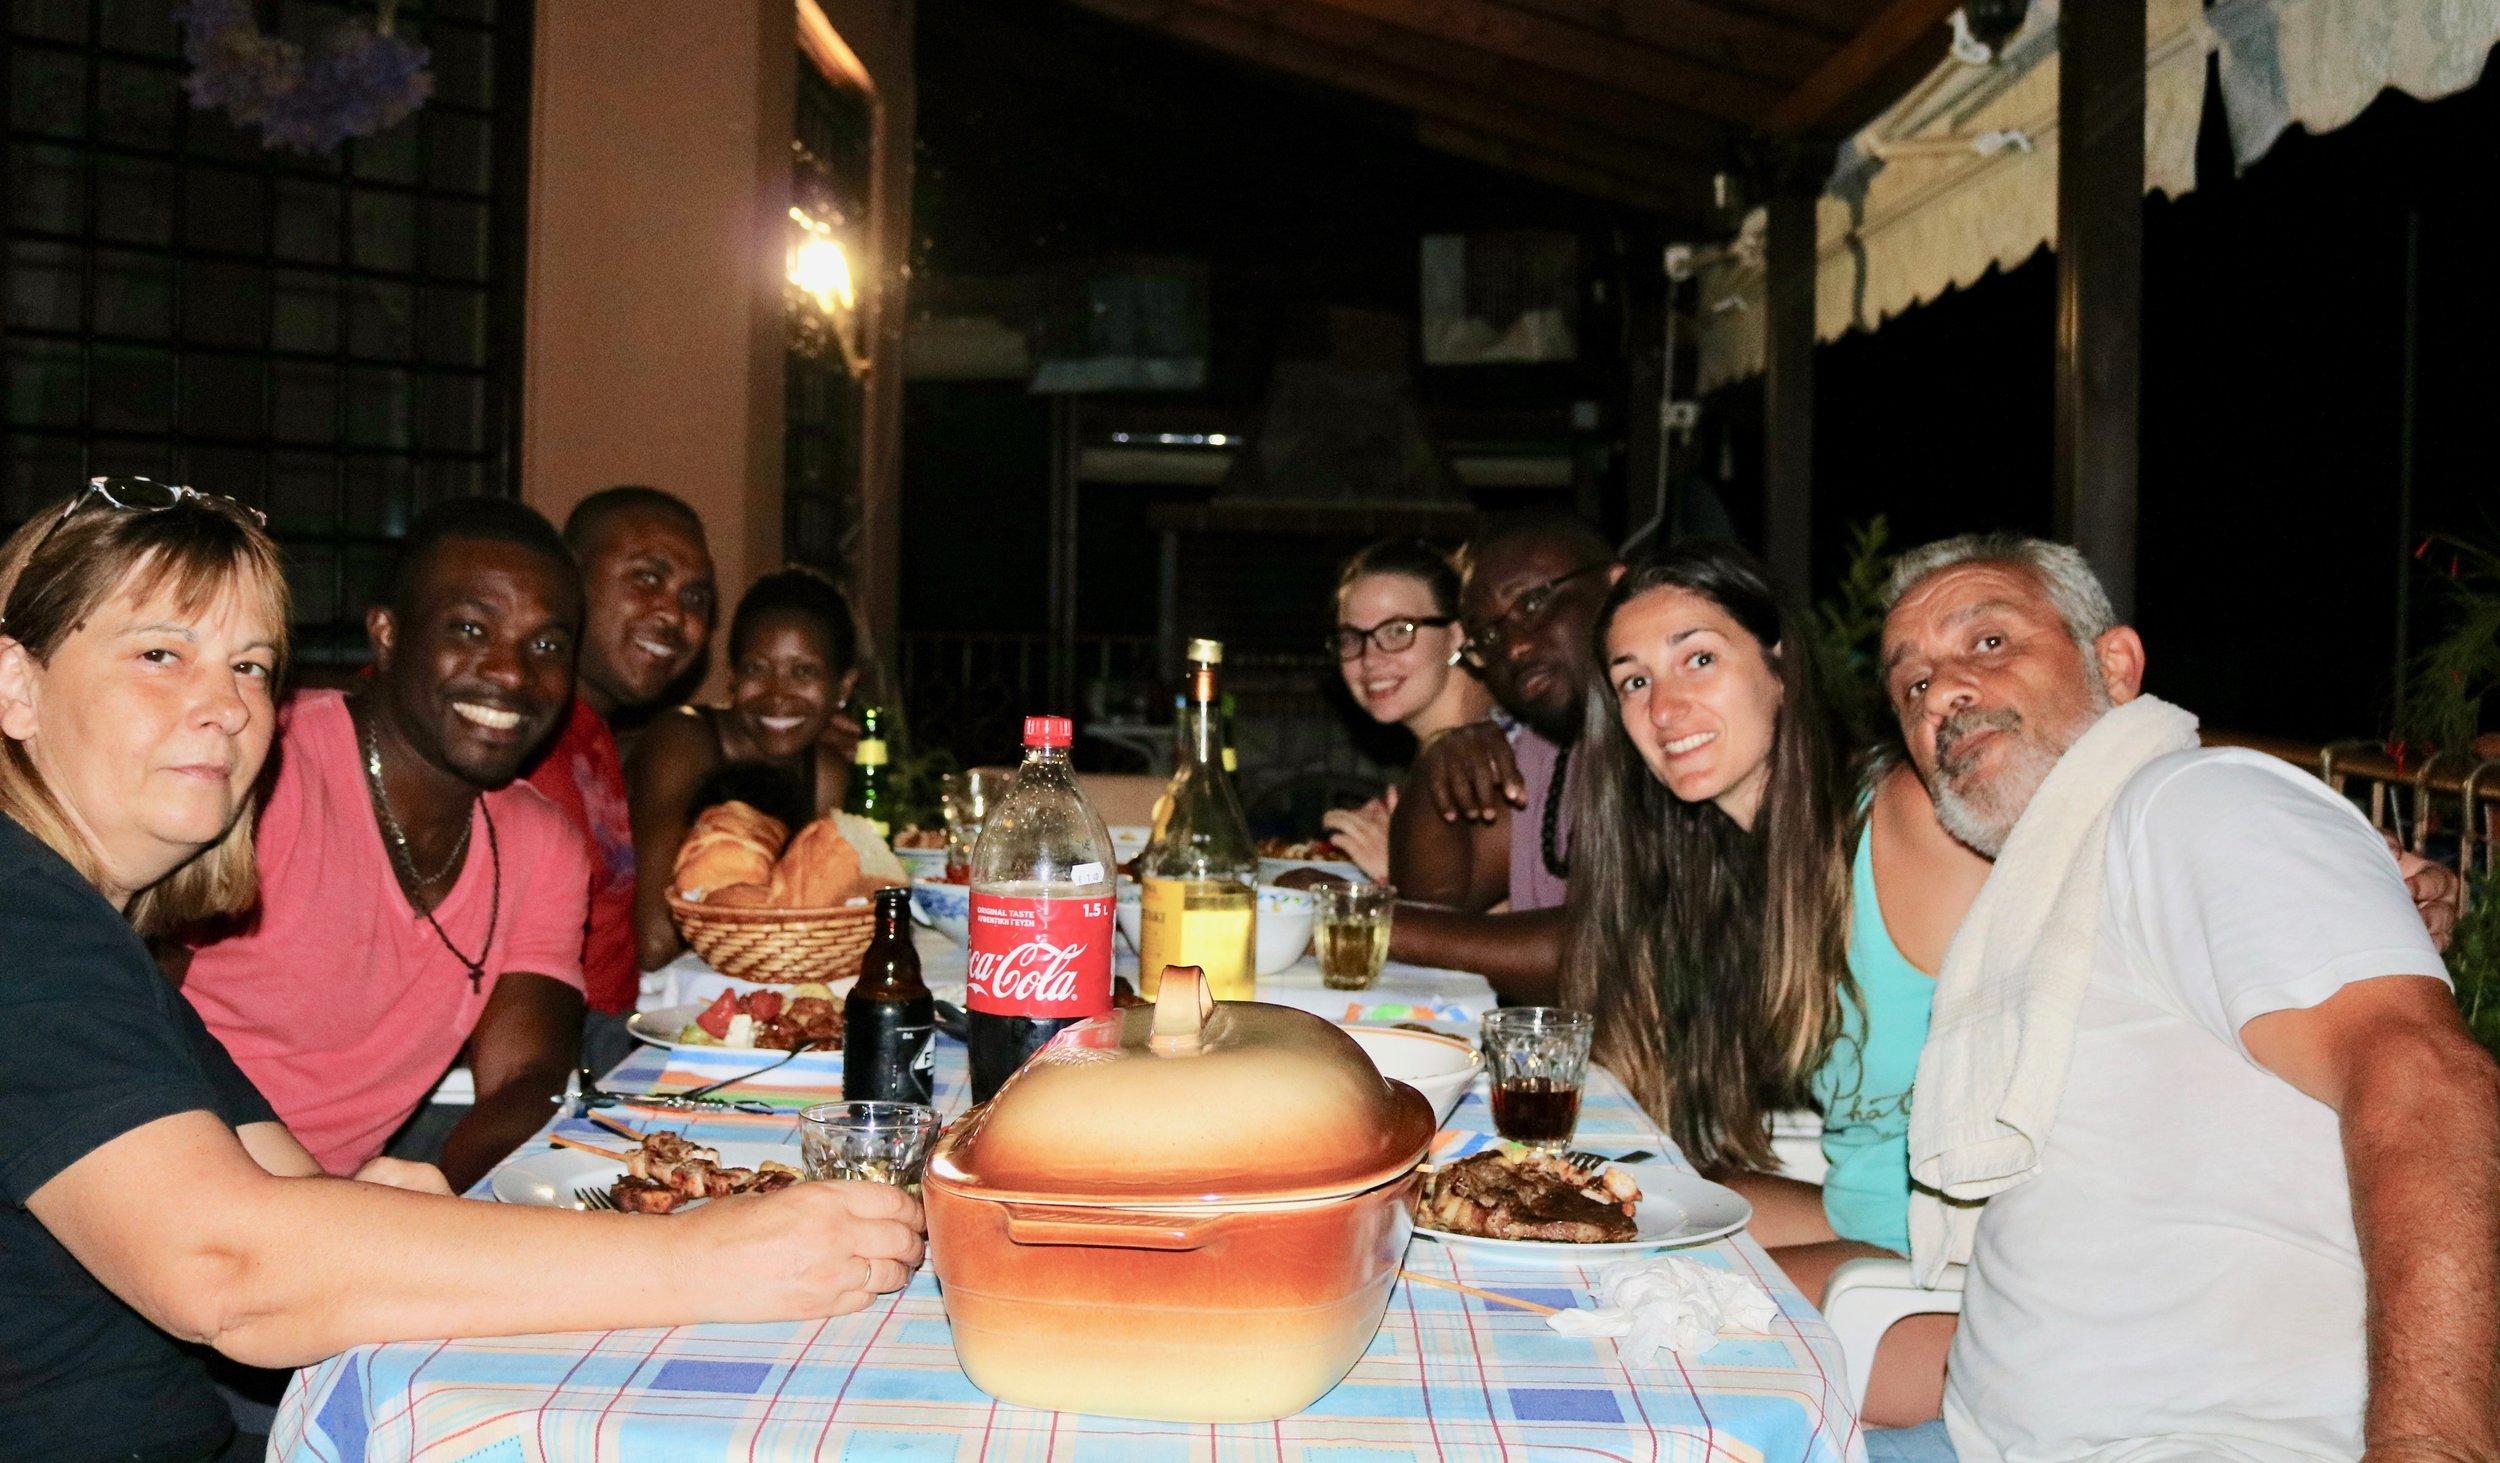 Dinner in Volvi (photo cred: Michael Jeje)